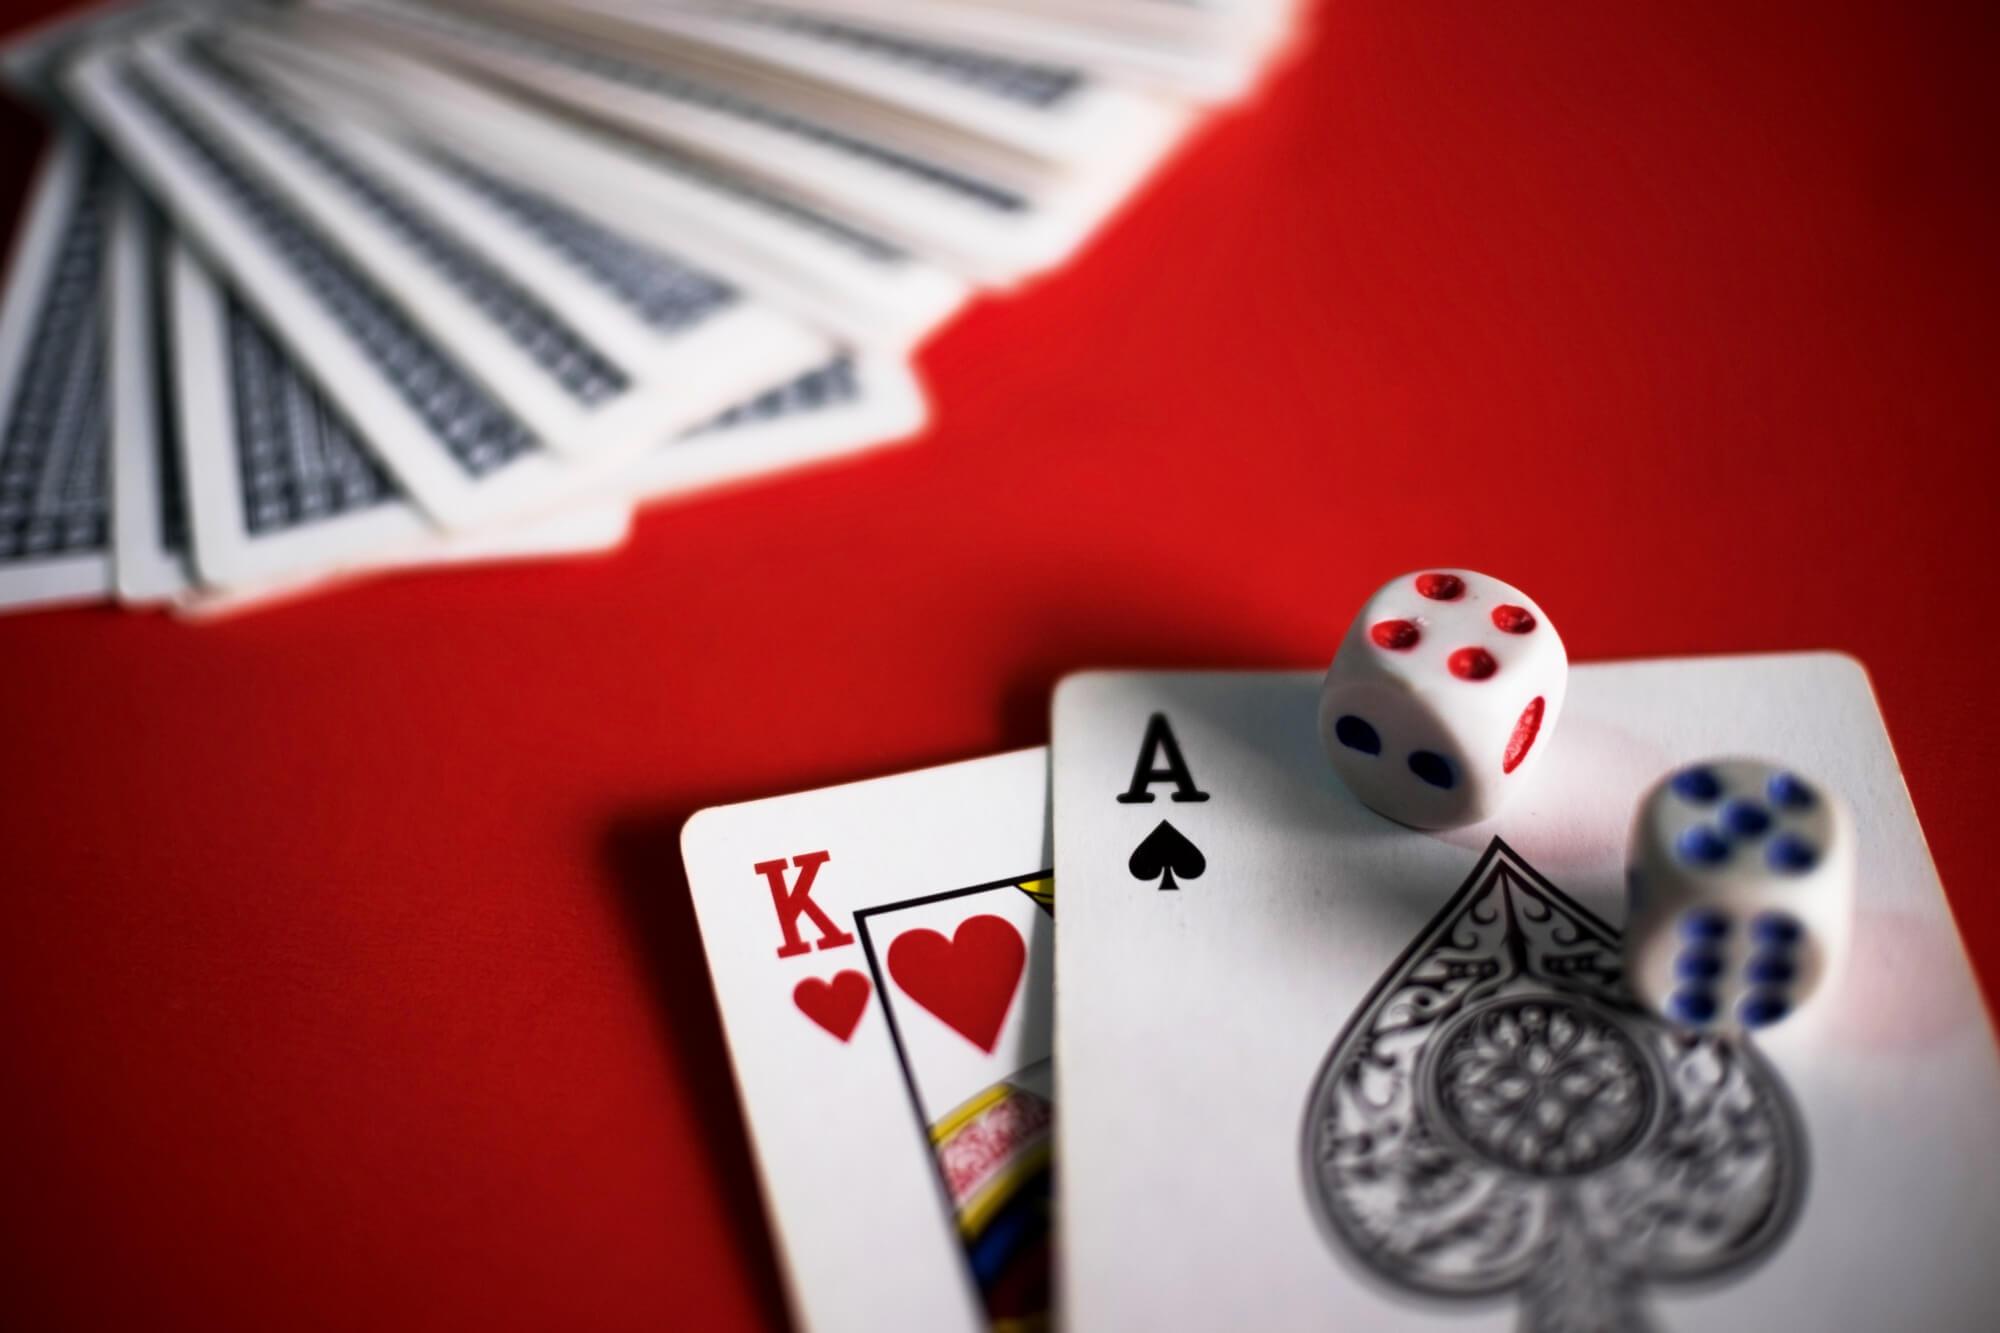 Parhaat korttipelit kahdelle viihdyttävät sateisena mökkipäivänä